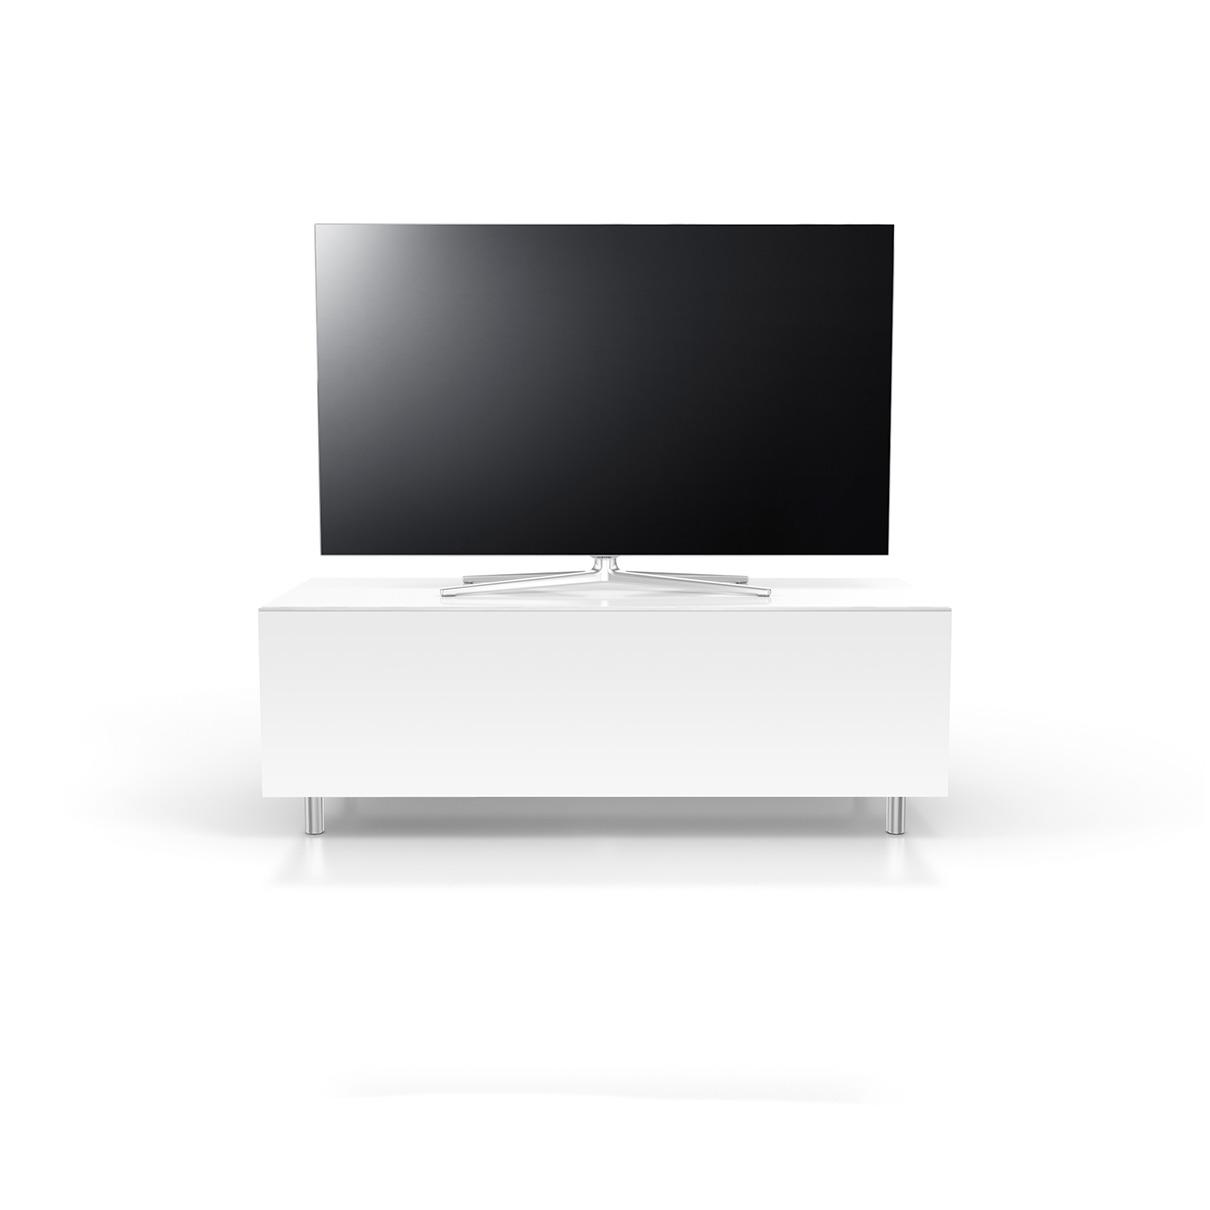 Afbeelding van Just Racks tv meubel JRL1100S-SNG wit